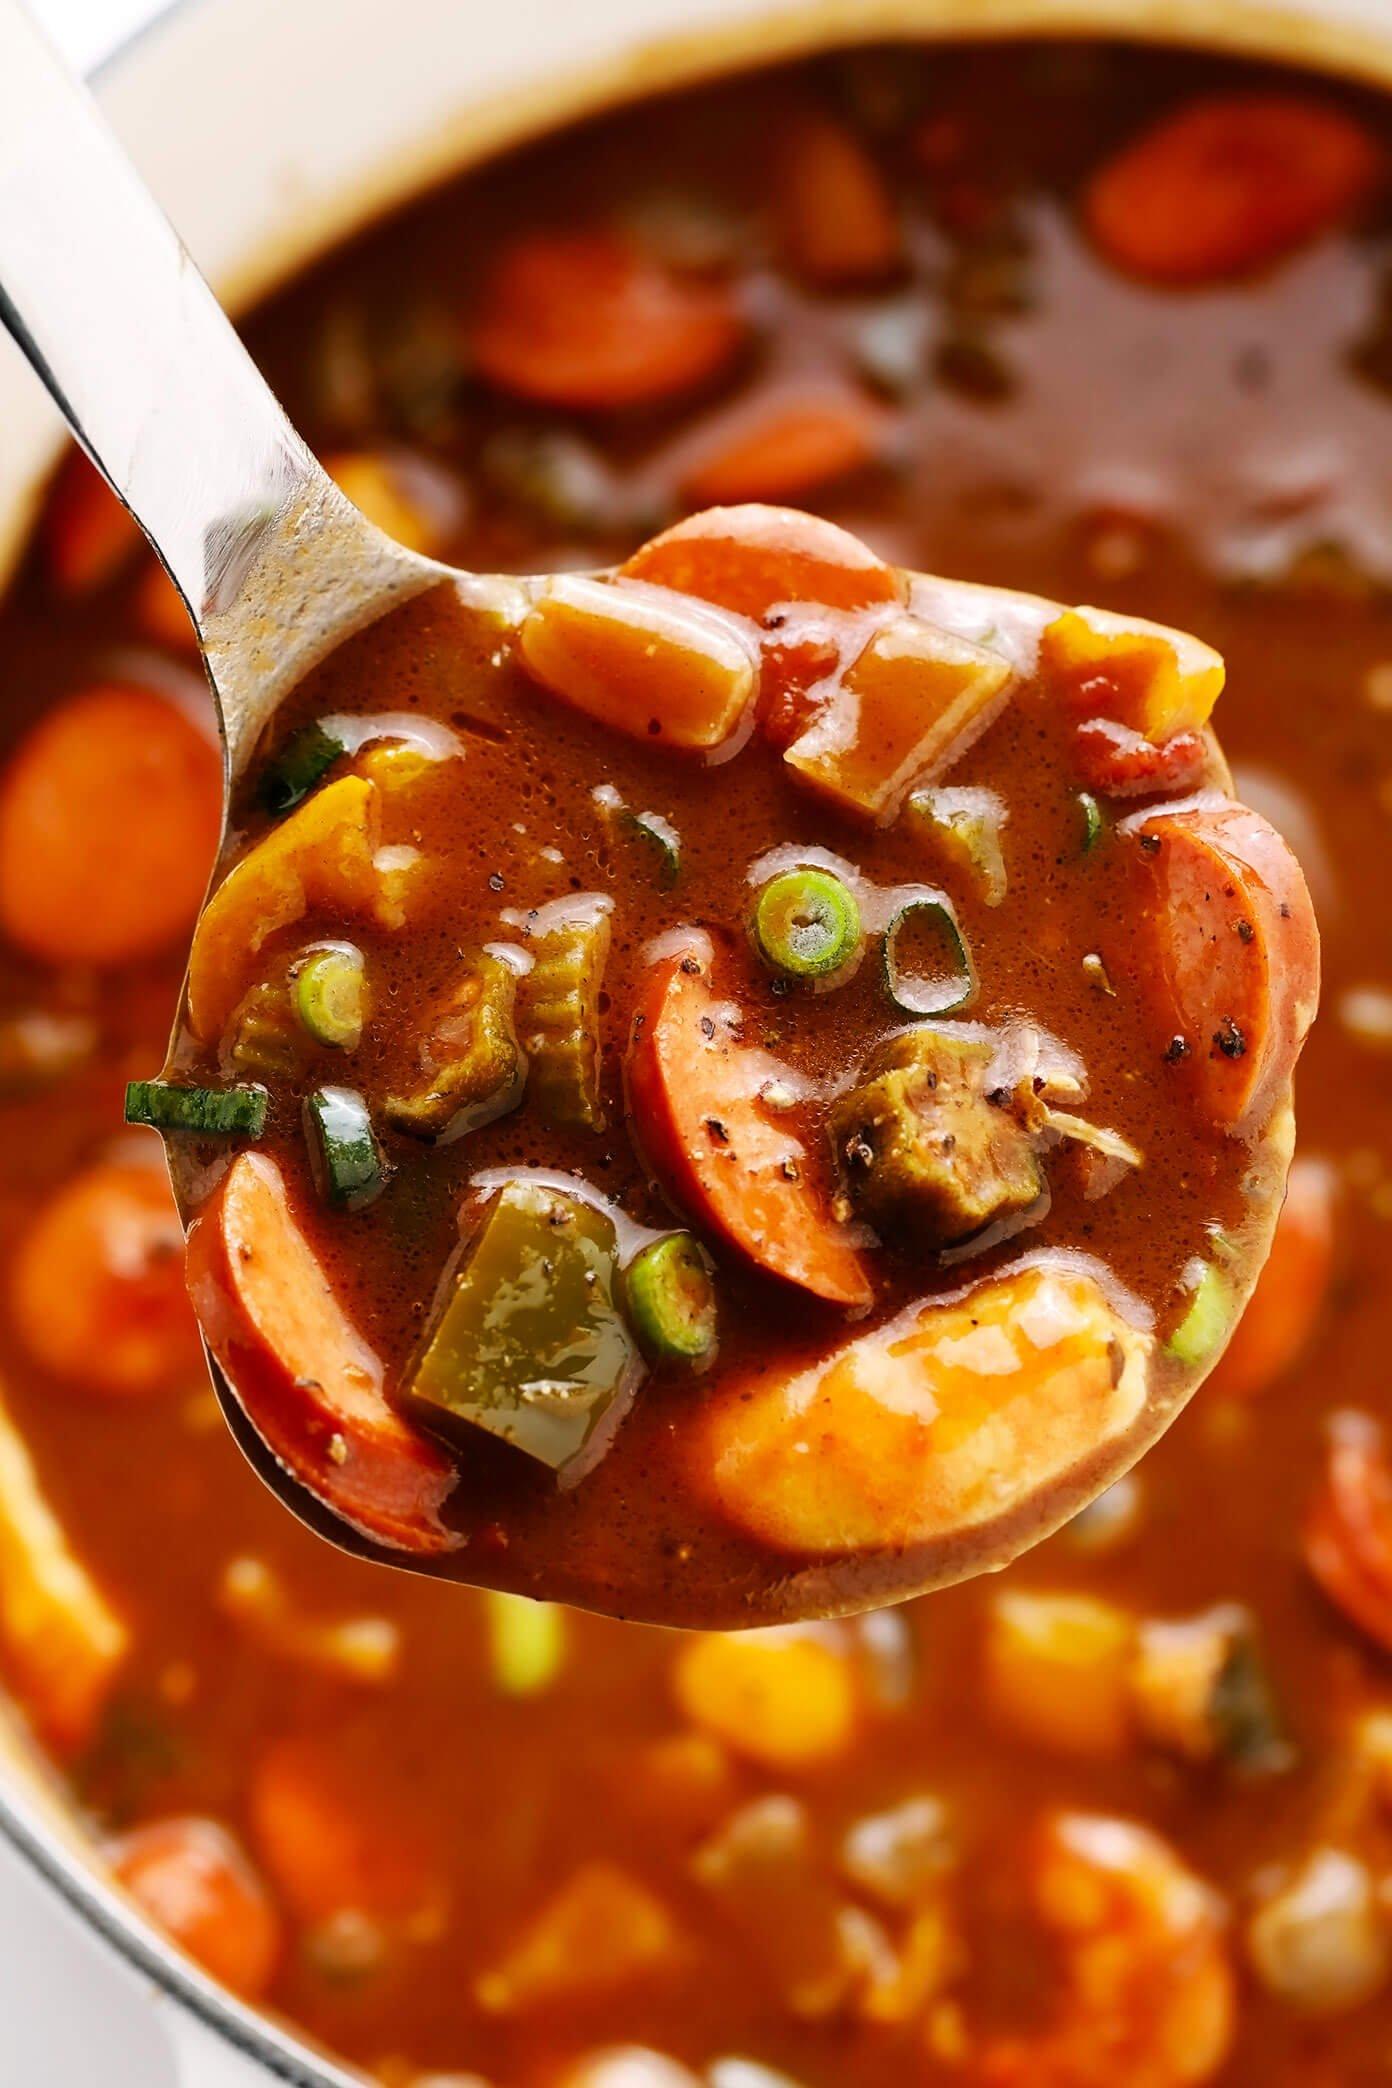 Concha cheia de salsicha, camarão e frango Gumbo